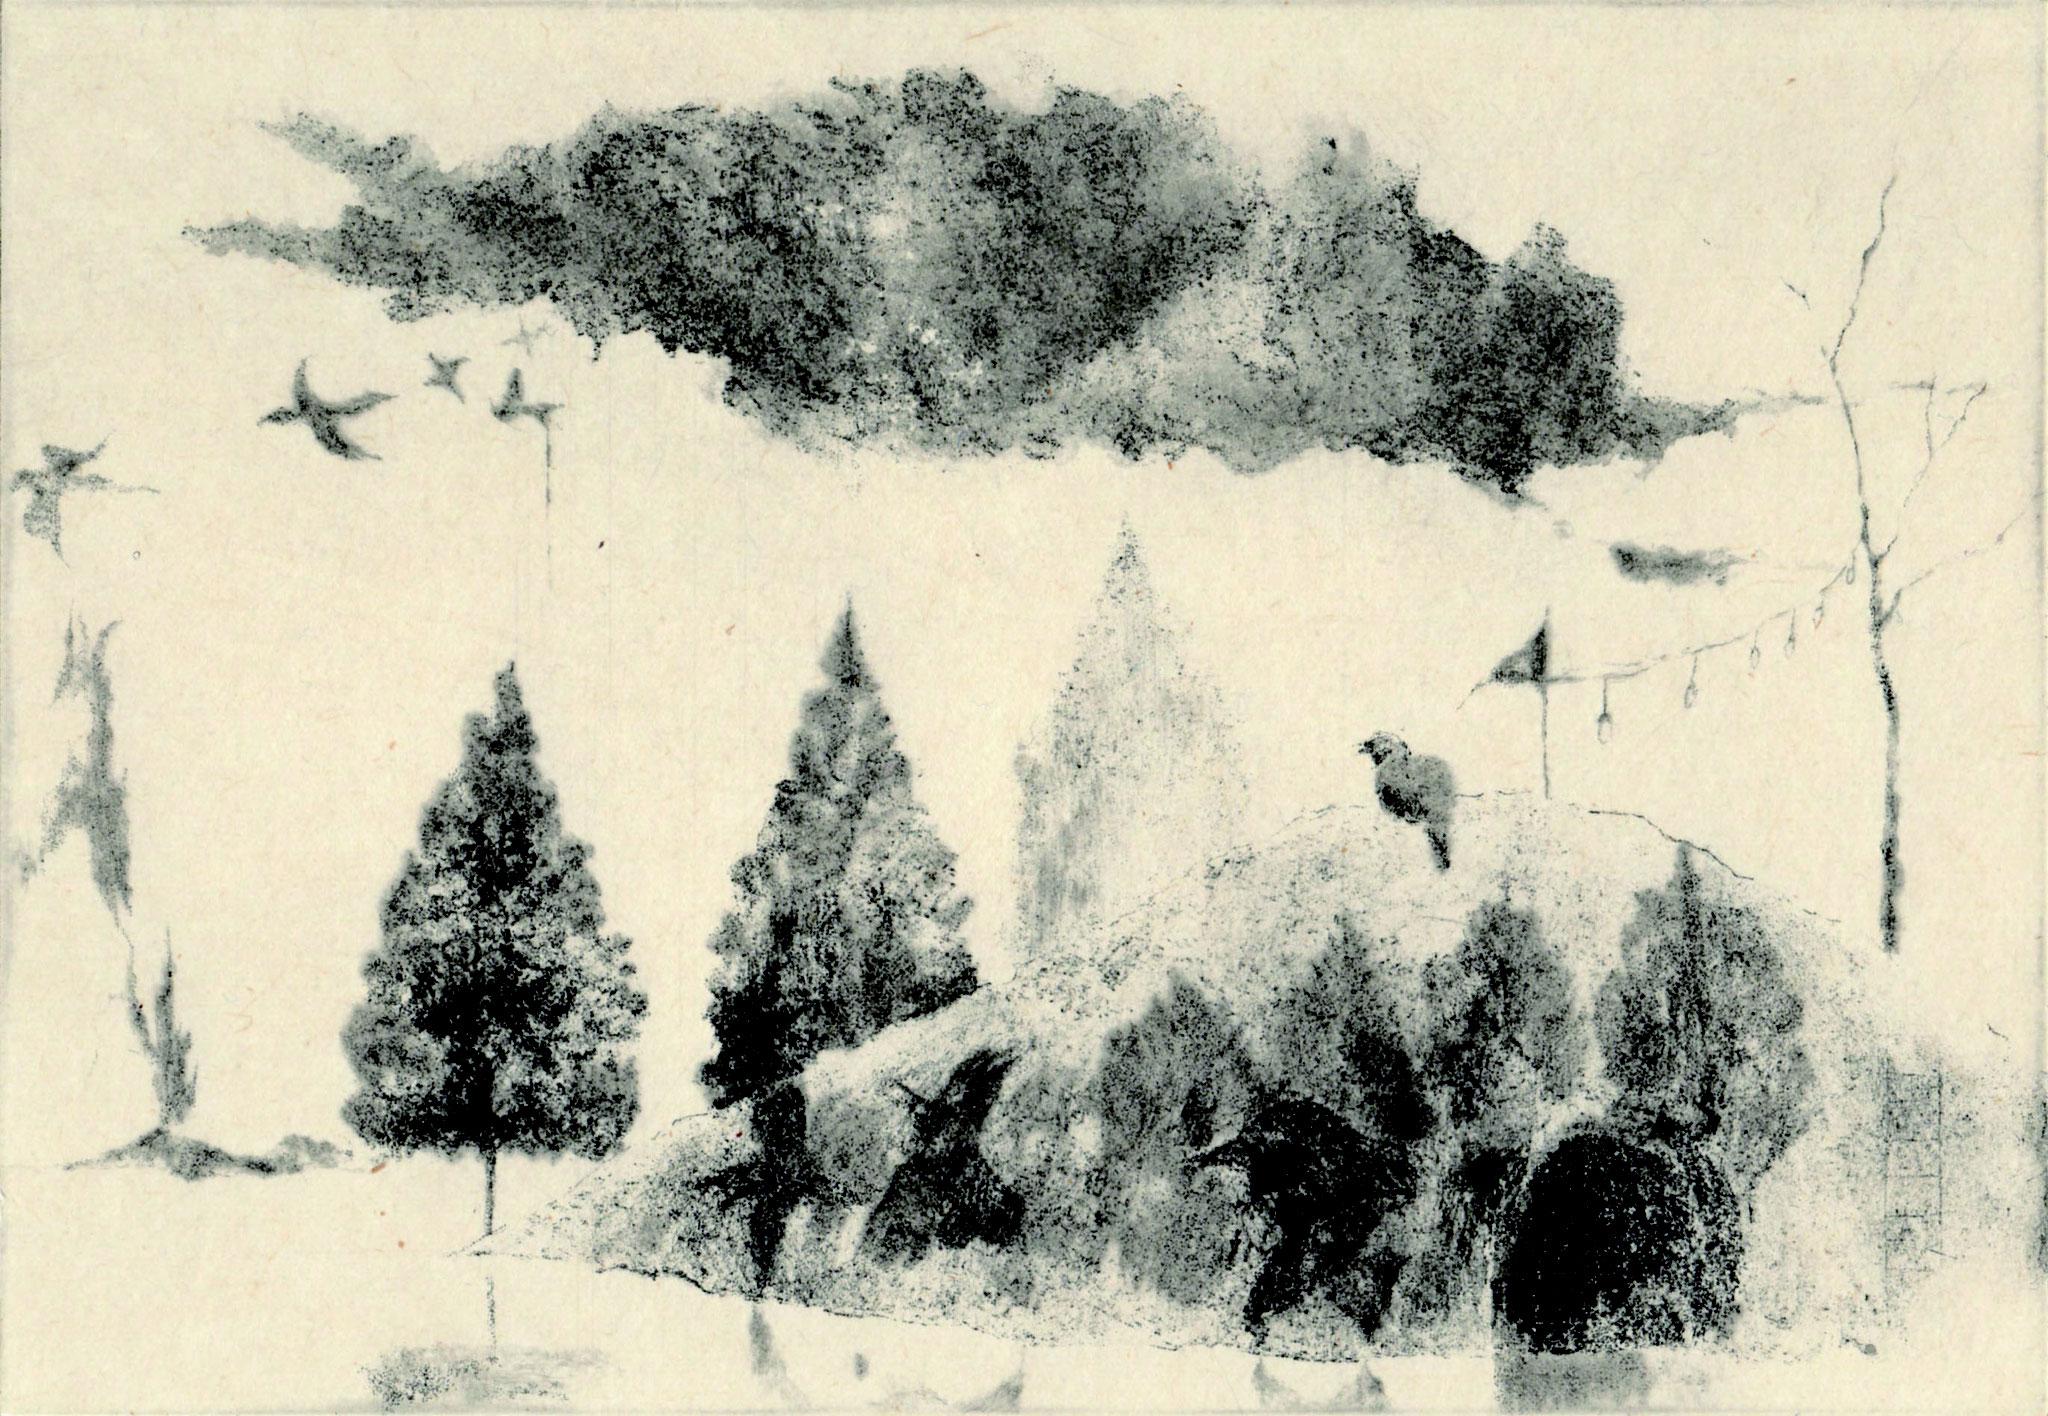 「夏至の丘」2018年、ソフトグランド・エッチング・ドライポイント・雁皮刷り、イメージサイズ 140×200mm